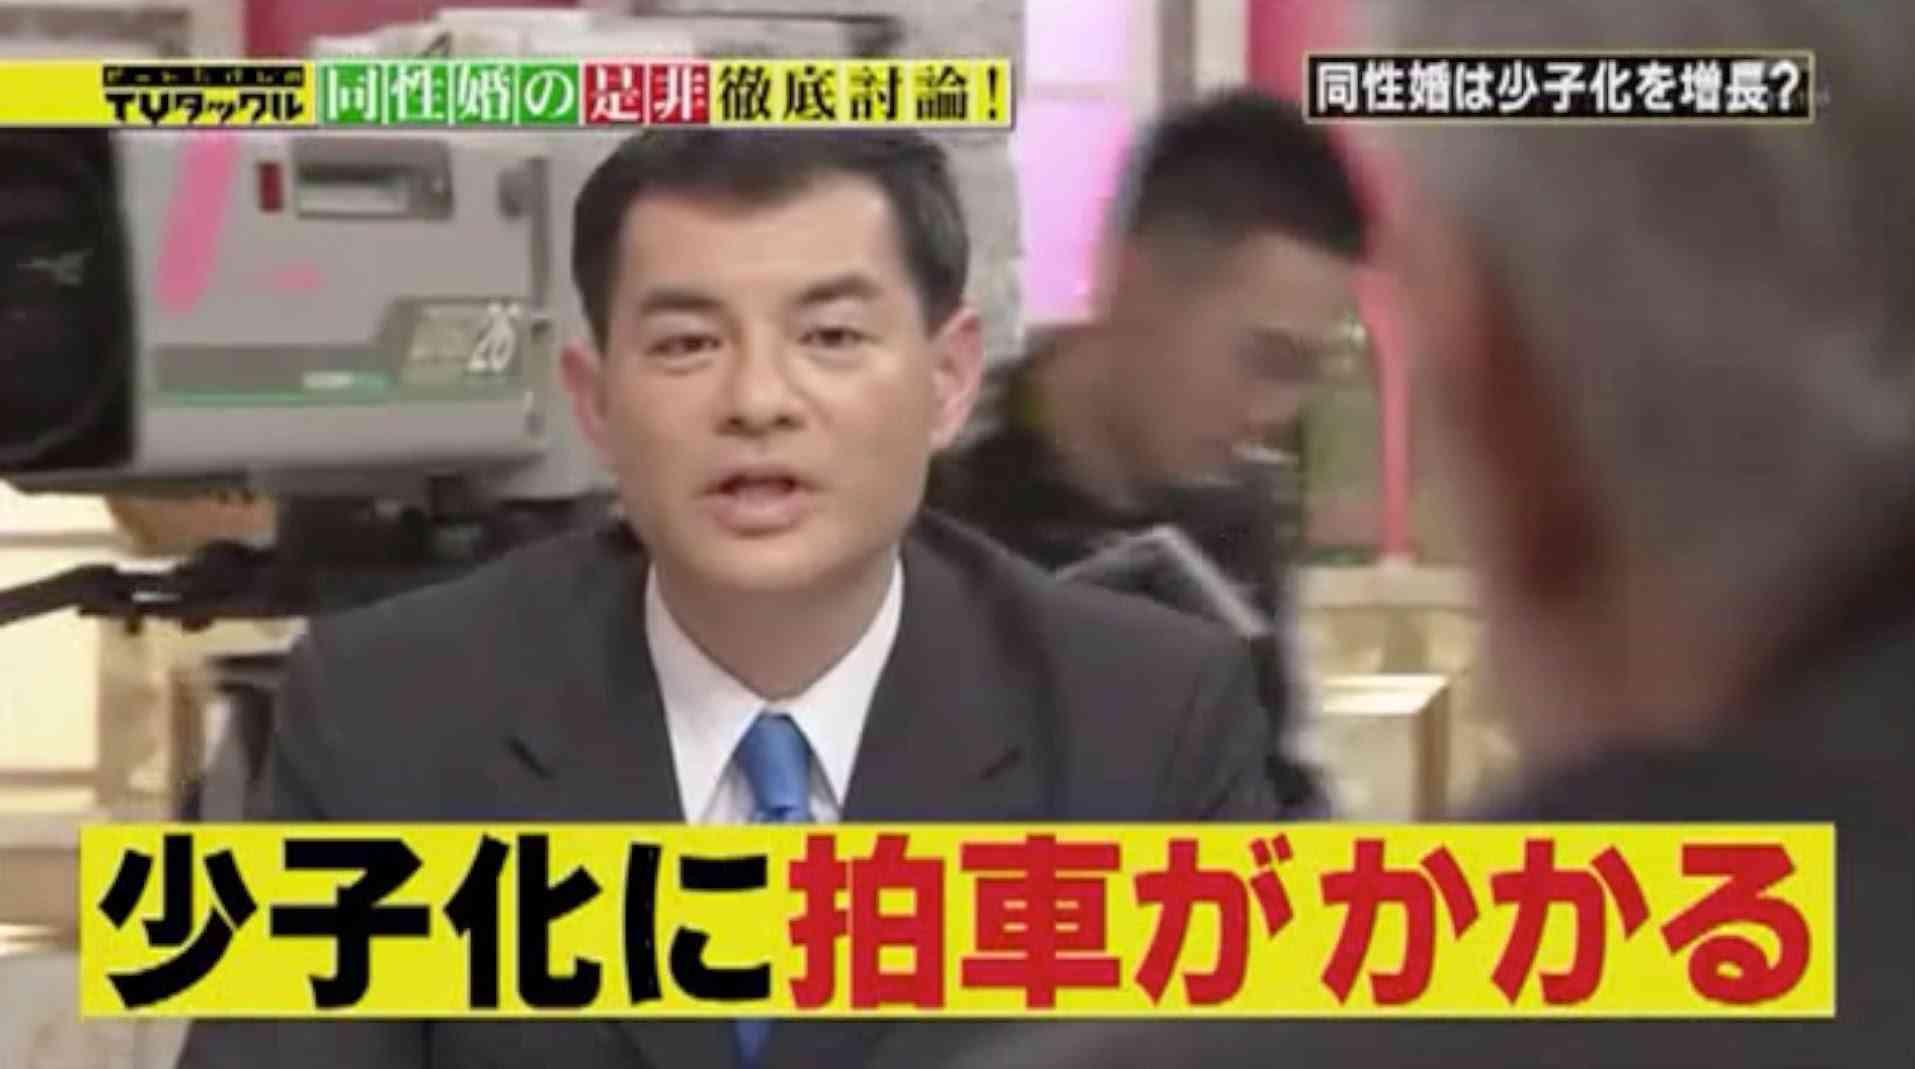 ビートたけしのTVタックル150302: 渋谷区「パートナーシップ証明書」から同性婚の是非を激論! - YouTube